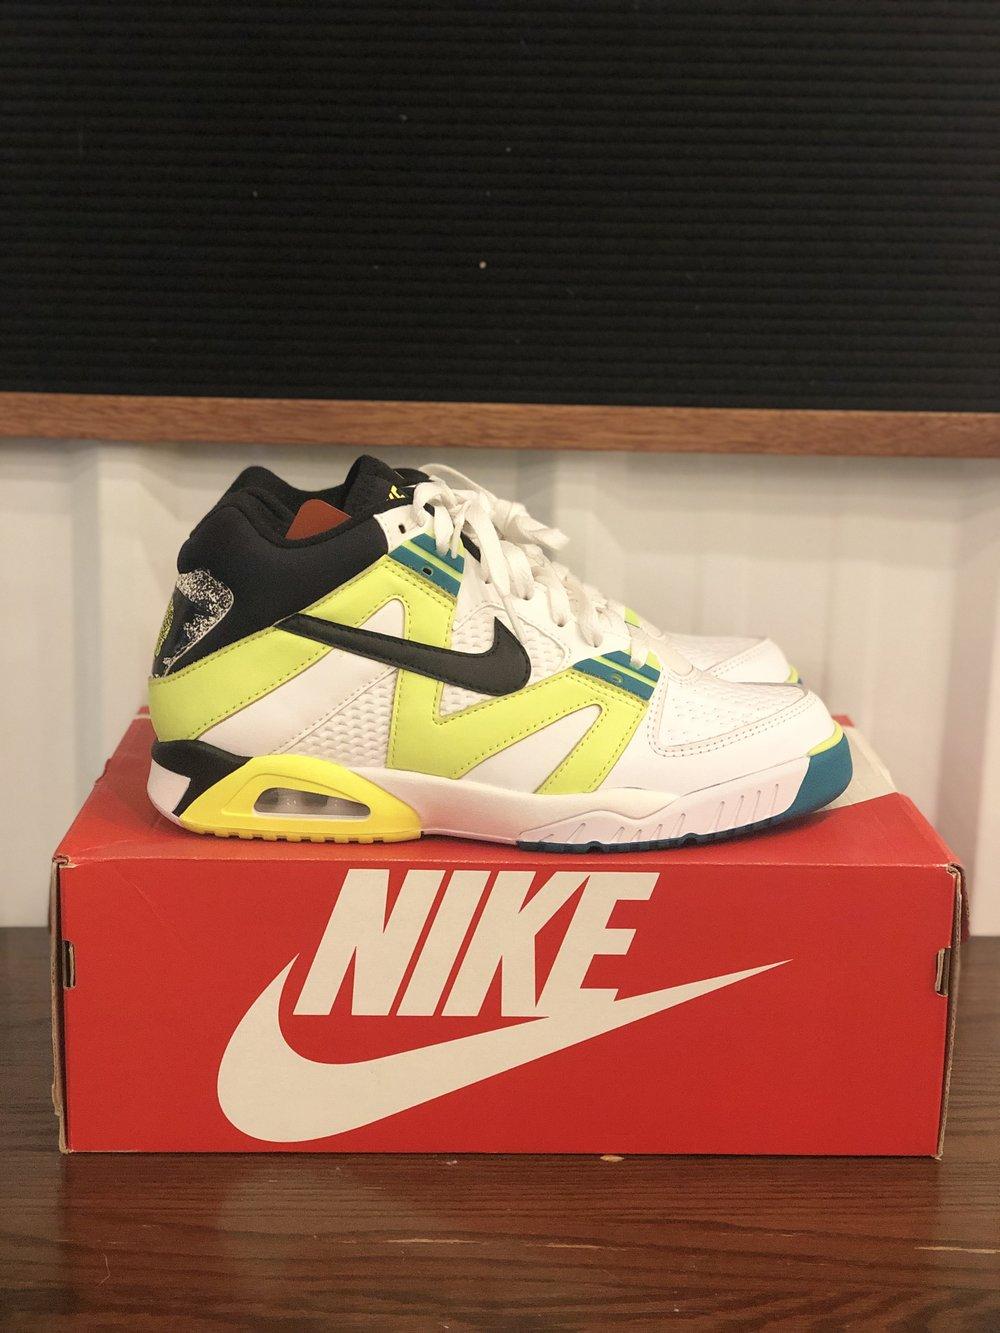 Nike Air Tech Challenge III — The Shoe Shine Shack 8d1deb0ea